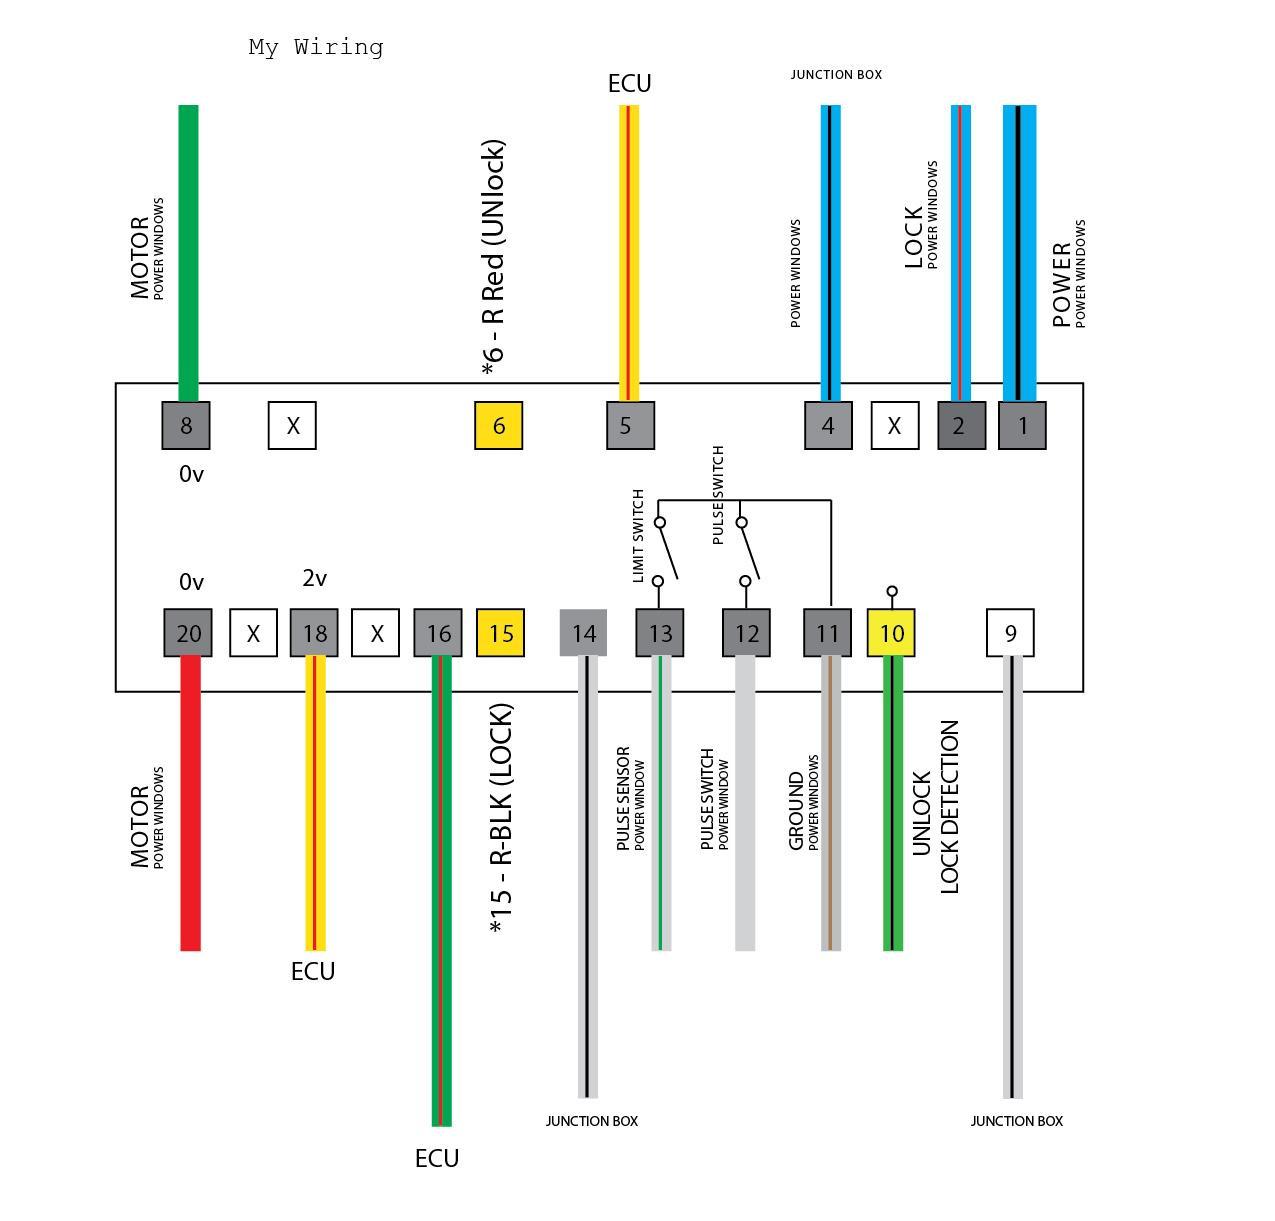 [TVPR_3874]  Alarm Install | Lexus IS200, NO unlock/lock Wires In Master Switch to  Complete Install. Door Module Instead. - Lexus IS200 / Lexus IS300 Club -  Lexus Owners Club | Lexus Alarm Wiring Diagram |  | Lexus Owners Club